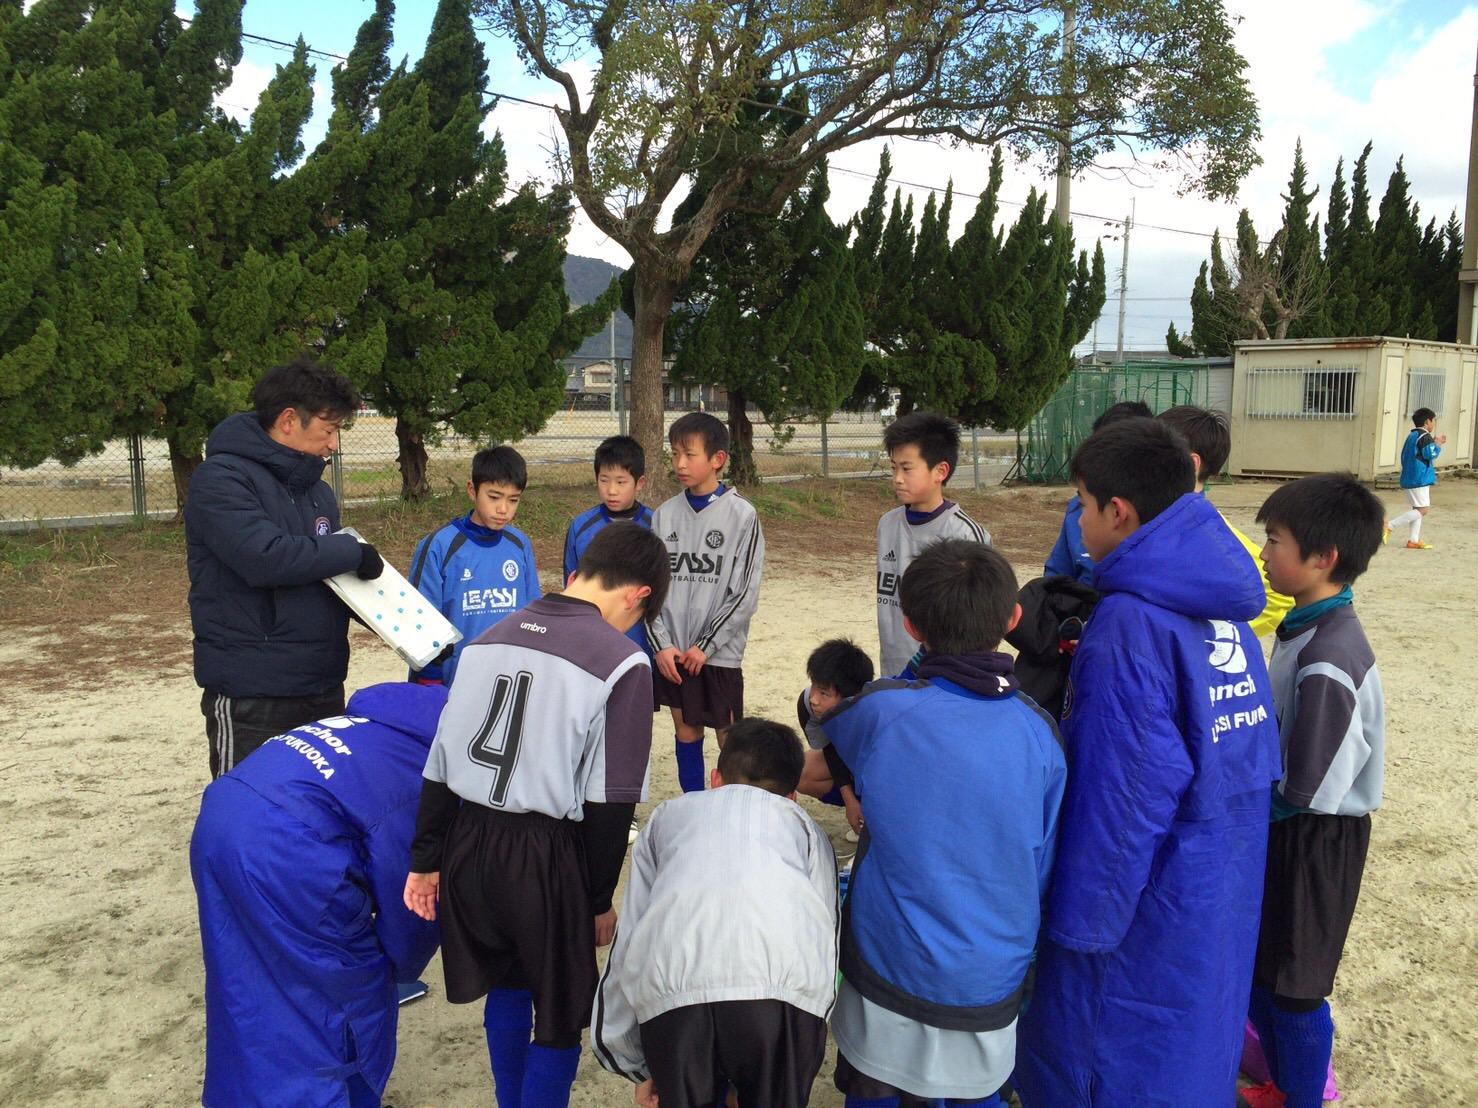 レアッシJr.ユース U-13 トレーニングマッチ vsカメリア